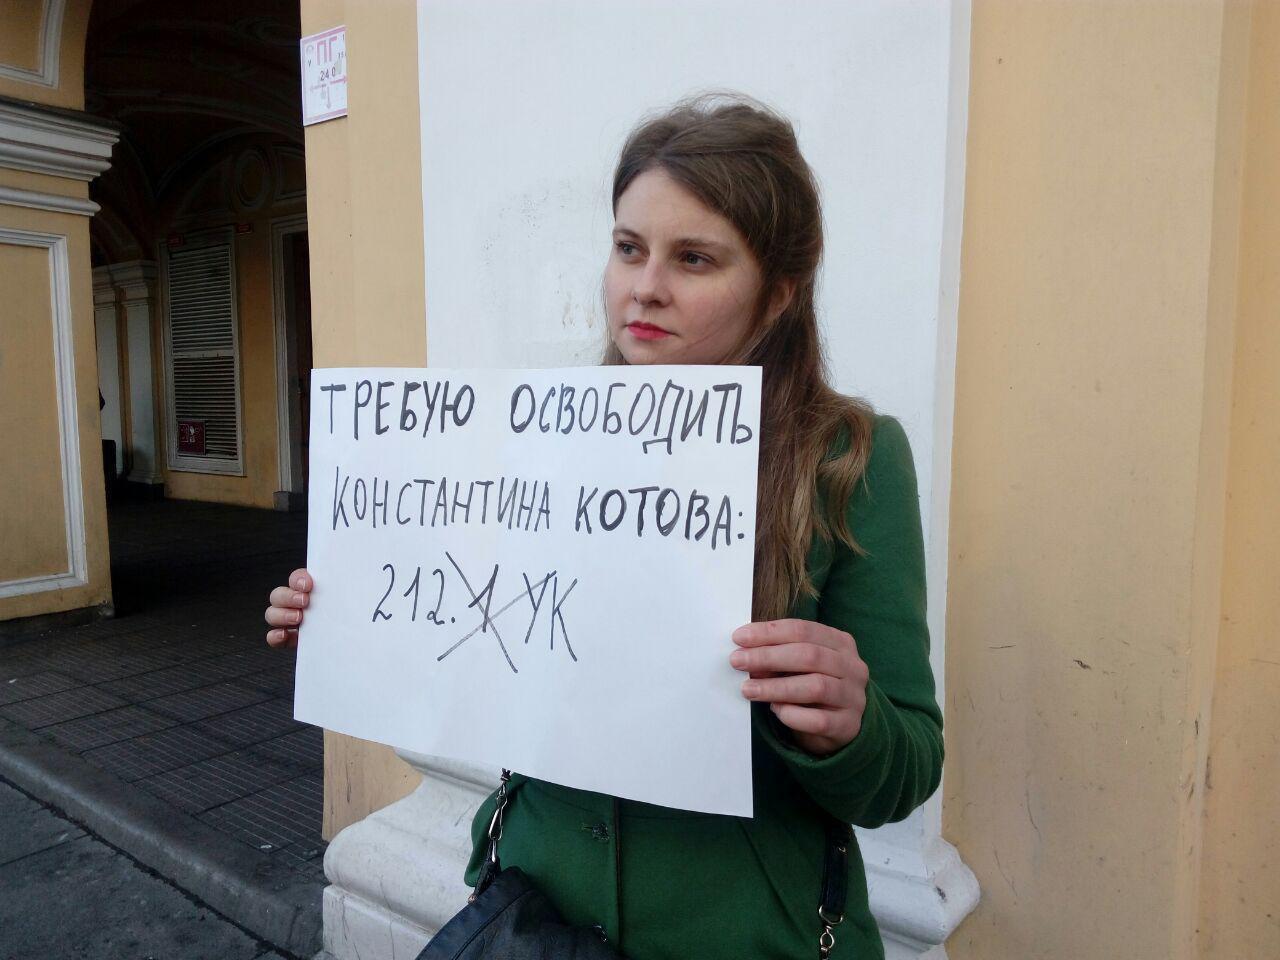 Пикеты в поддержку политзаключенных проходят у Гостиного двора